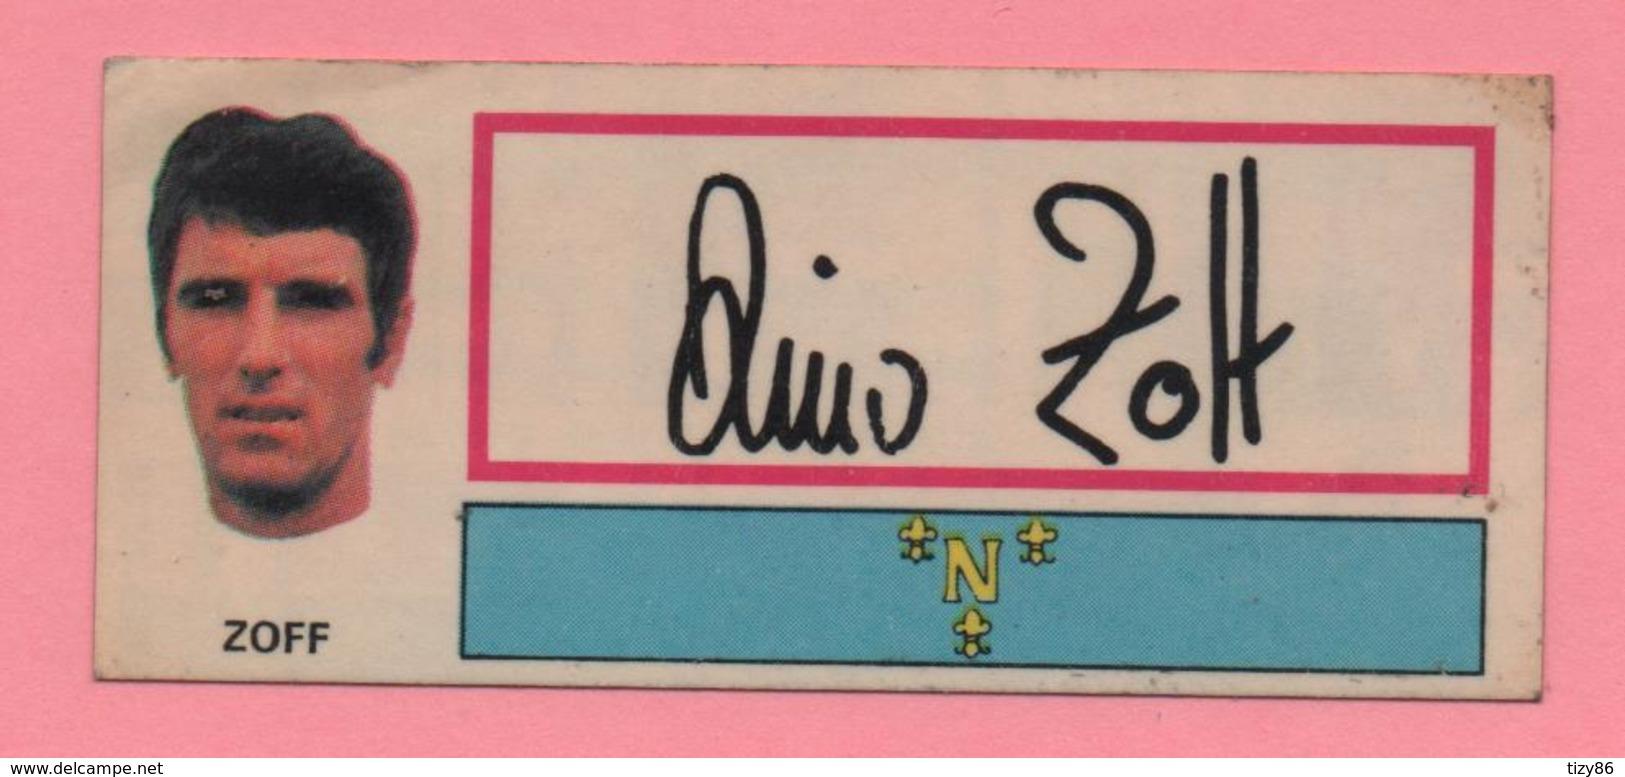 Figurina Panini Fuori Raccolta 1971/72 Con Velina - Zoff - Trading Cards